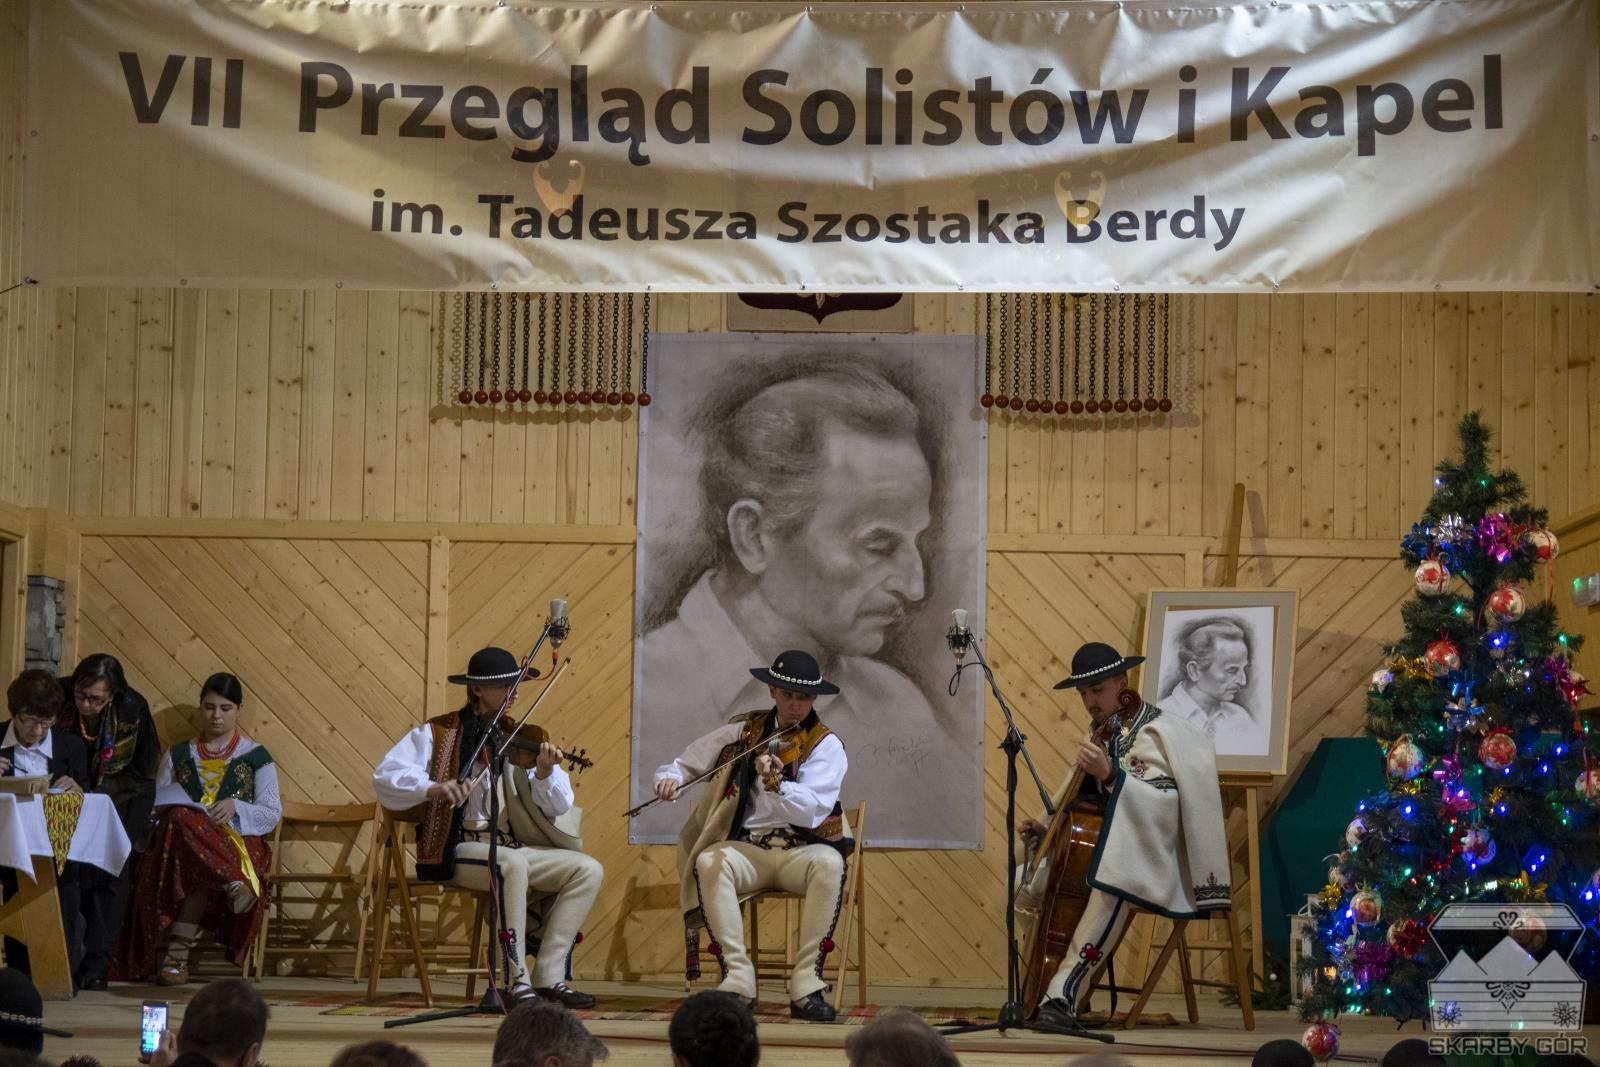 VII Przegląd Solistów i Kapel im. Tadeusza Szostaka Berdy w Poroninie